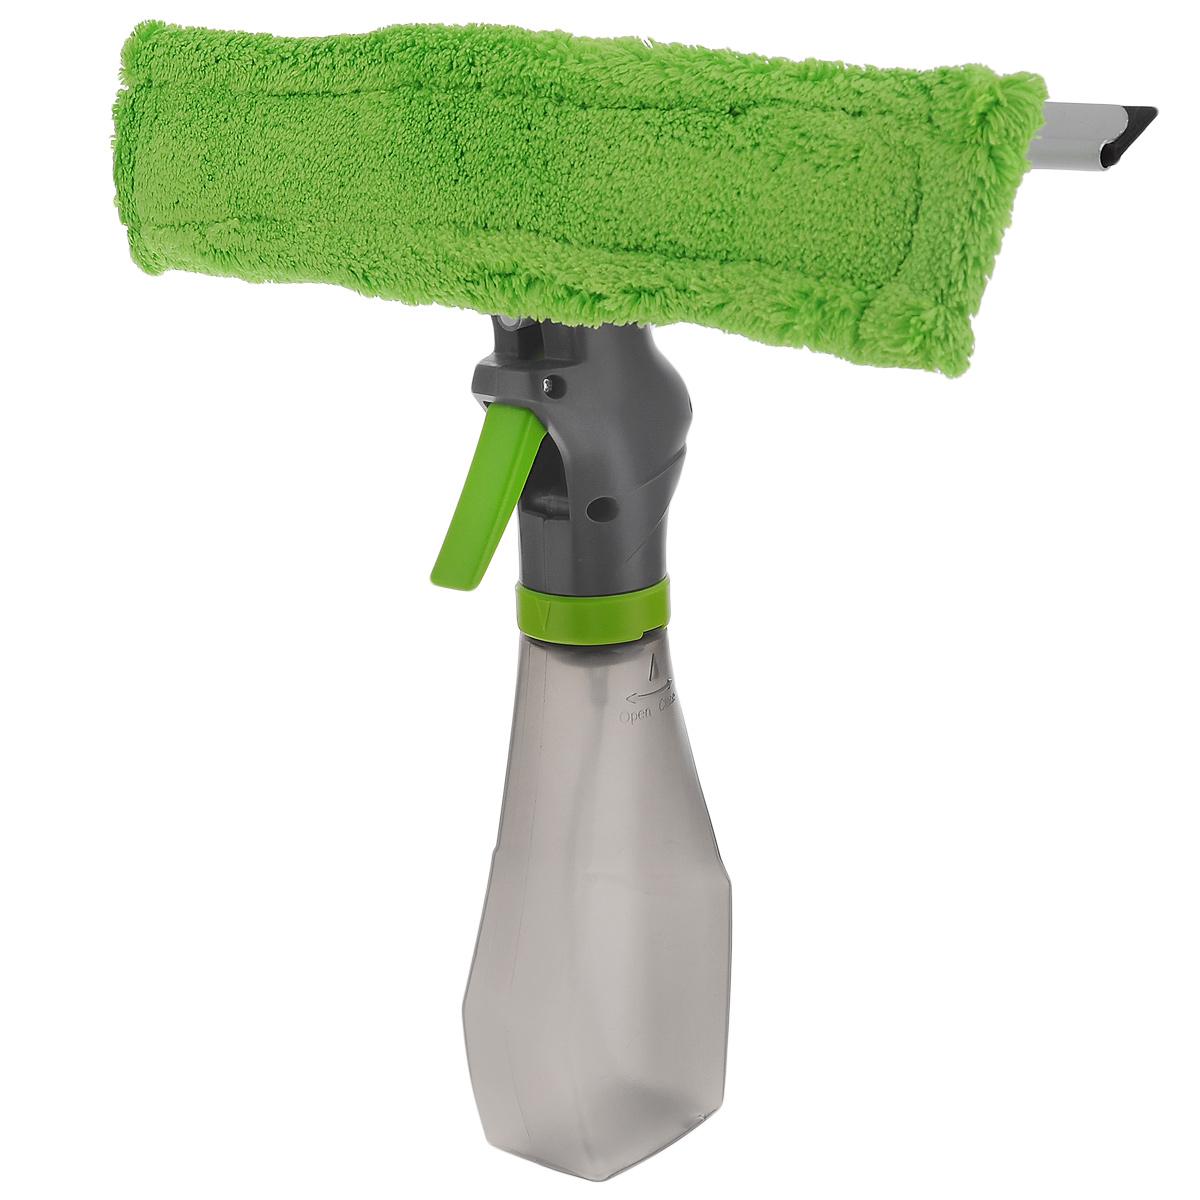 Стеклоочиститель Flatel, с распылителем и насадкой из микрофибрыES1352Стеклоочиститель Flatel, с распылителем и насадкой из микрофибры состоит из 3 частей: водосгона, насадки из микрофибры, емкости для жидкости. Прекрасно подойдет для влажной и сухой уборки - моет и полирует без разводов. Насадка из микрофибры чистит сильные загрязнения даже без моющих средств, а водосгон хорошо удаляет воду и пар. Стеклоочиститель подходит для домашнего использования, например, для мытья стекол, зеркал, душевых кабин, керамической плитки и уборки автомобиля. Насадка из микрофибры крепится на крепких липучках. Ее можно стирать в стиральной машине при температуре 60°C или вручную. Стеклоочиститель оснащен удобной емкостью, которая позволяет дозировать нужное количество воды или моющего средства. Длина водосгона: 25 см. Длина насадки из микрофибры: 26 см. Объем емкости: 250 мл.